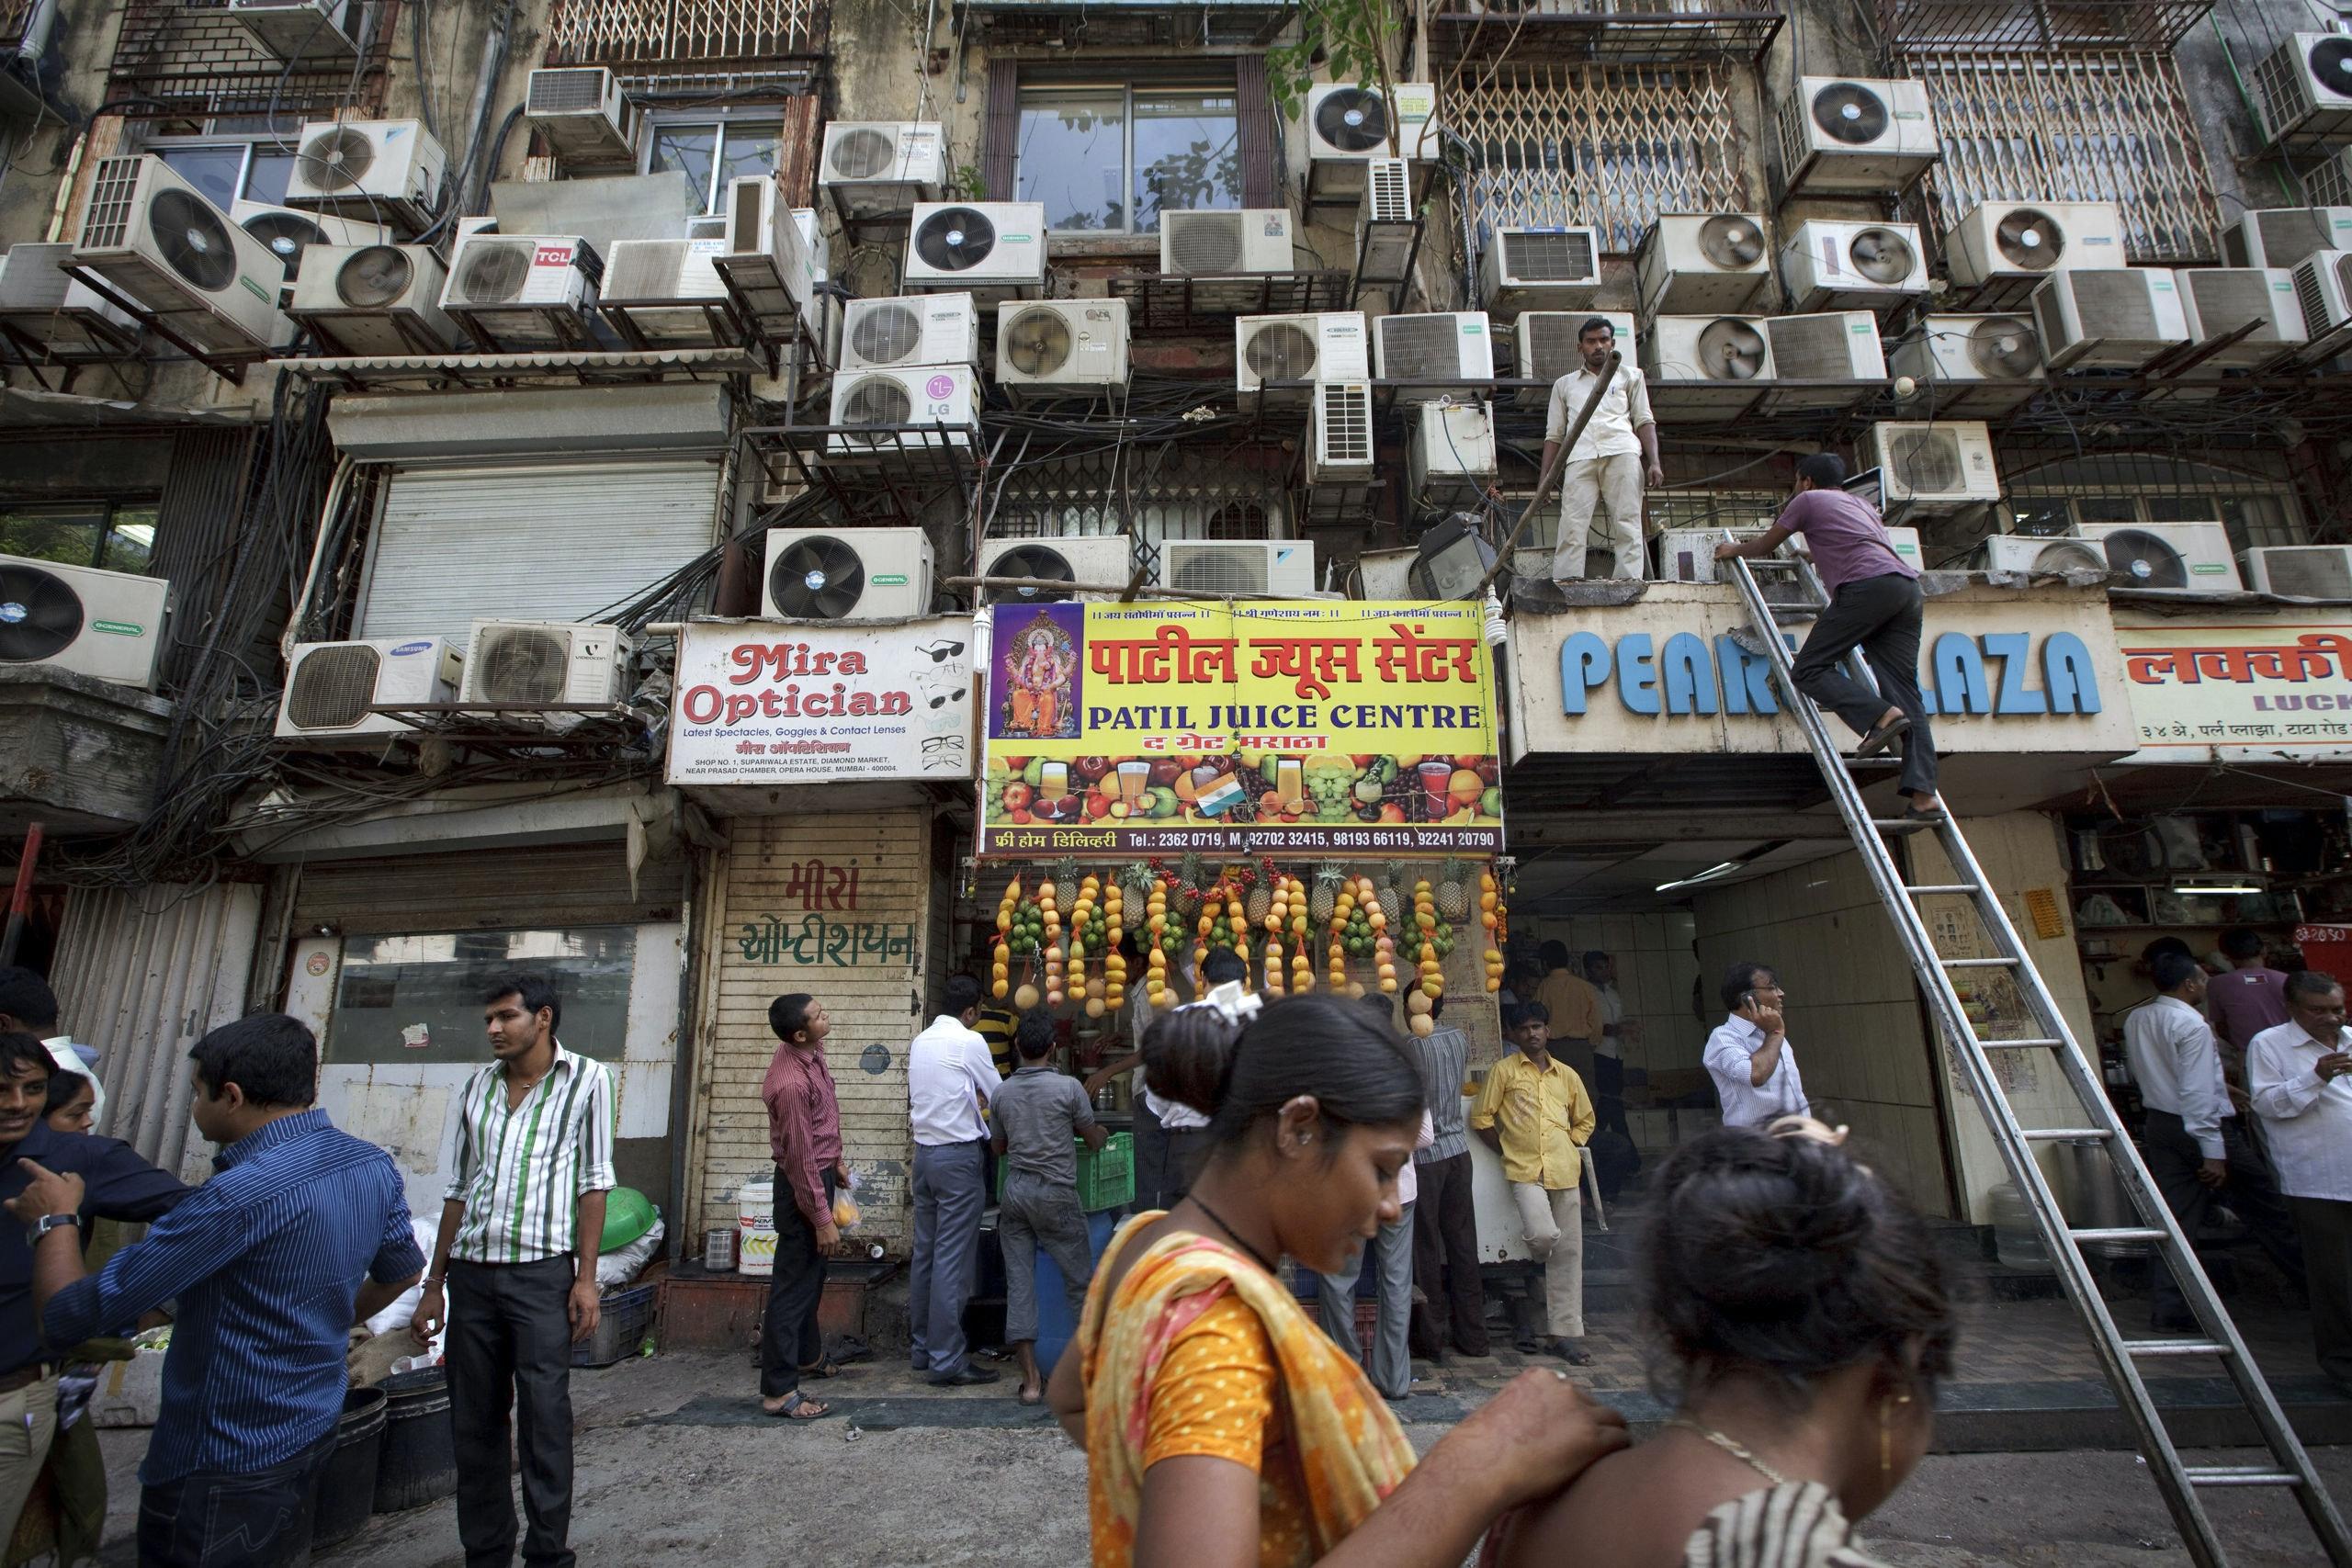 Het aantal airconditionings in India groeit snel. In het straatbeeld van Bombay verschijnen steeds meer airco-kastjes aan de gevels.